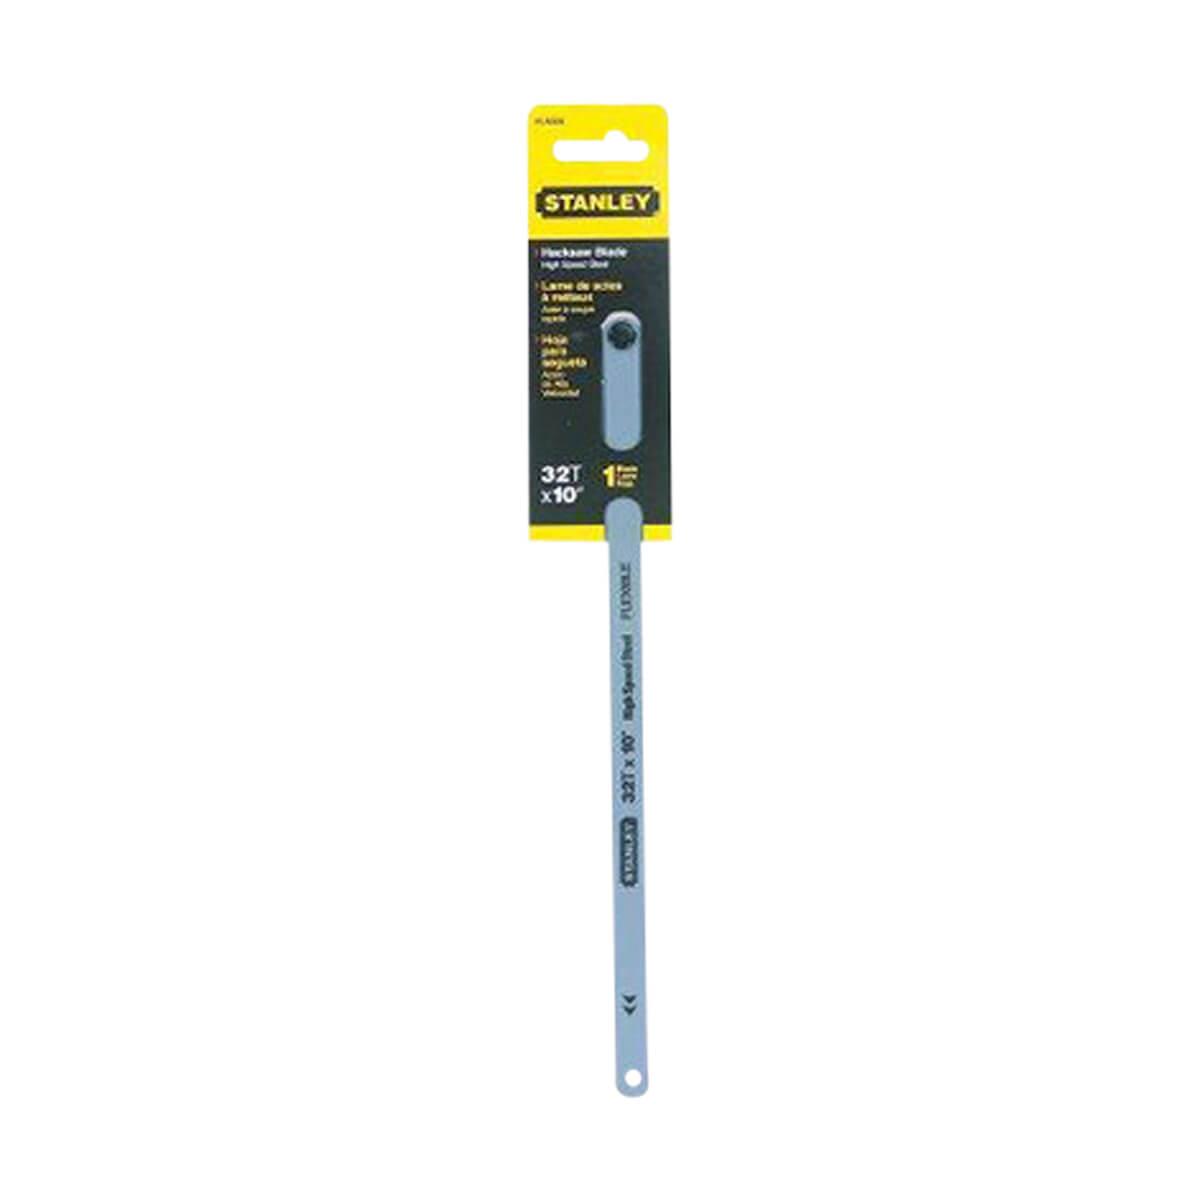 """Stanley High Speed Steel Handsaw Blade - 12"""" x 18 TPI"""